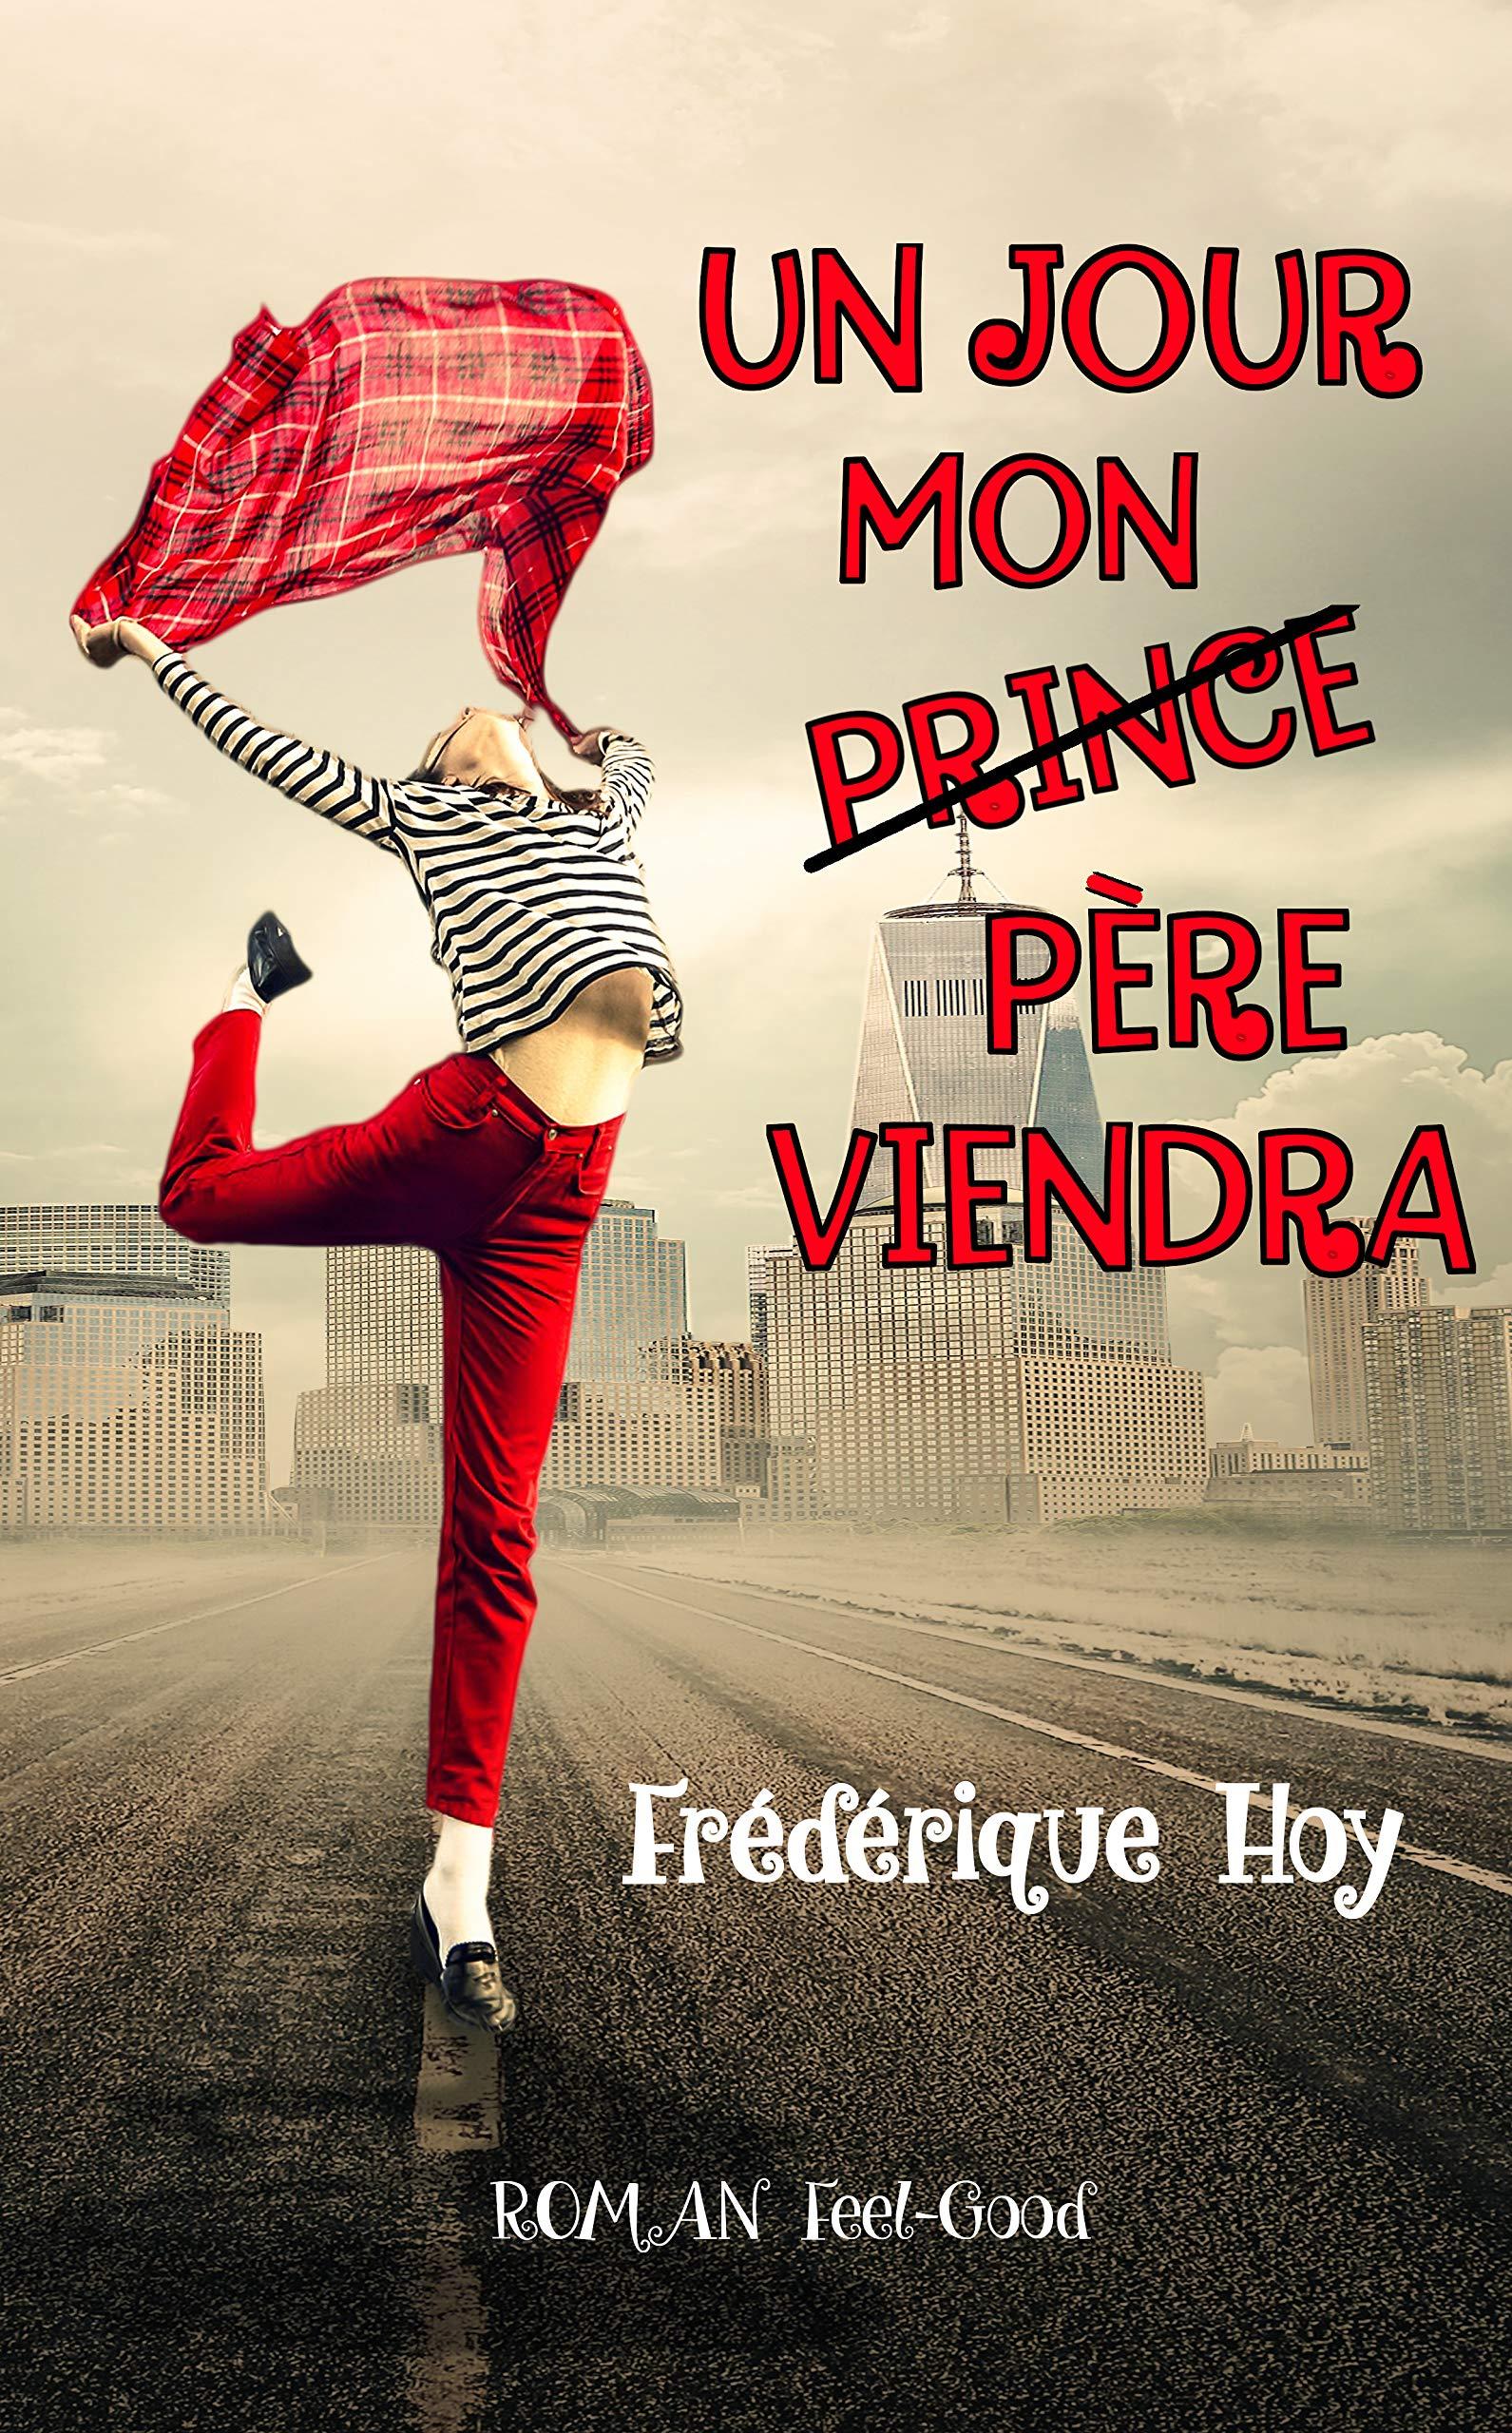 Un jour mon (prince) père viendra por Frédérique HOY